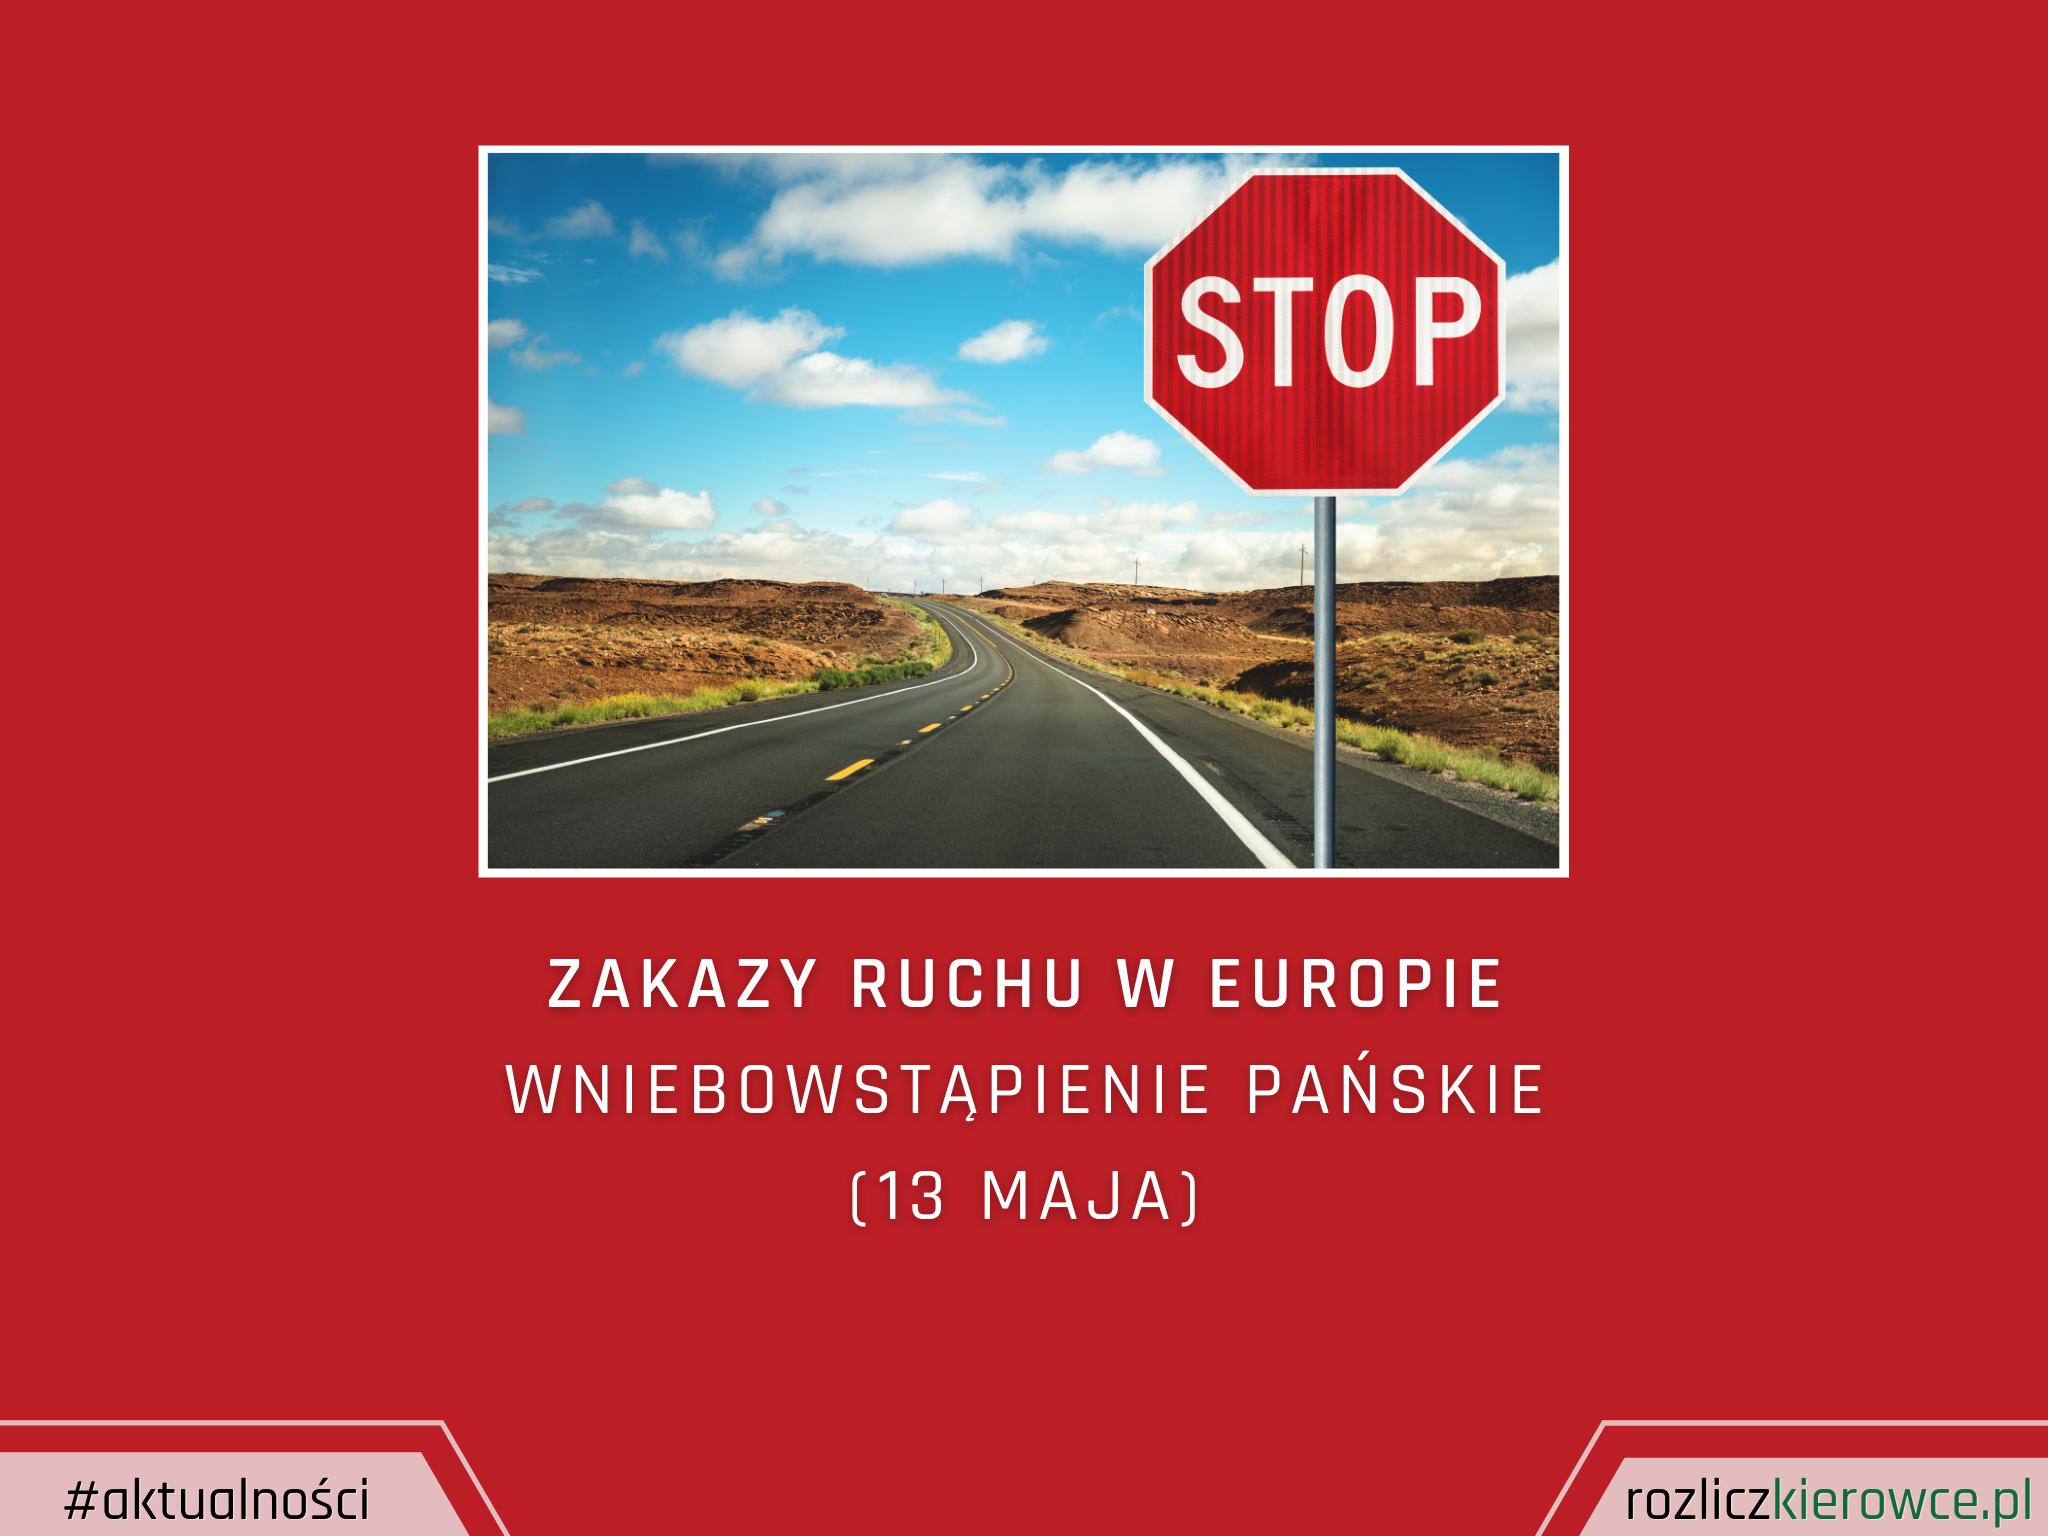 Zakazy ruchu w Europie (13 maja)